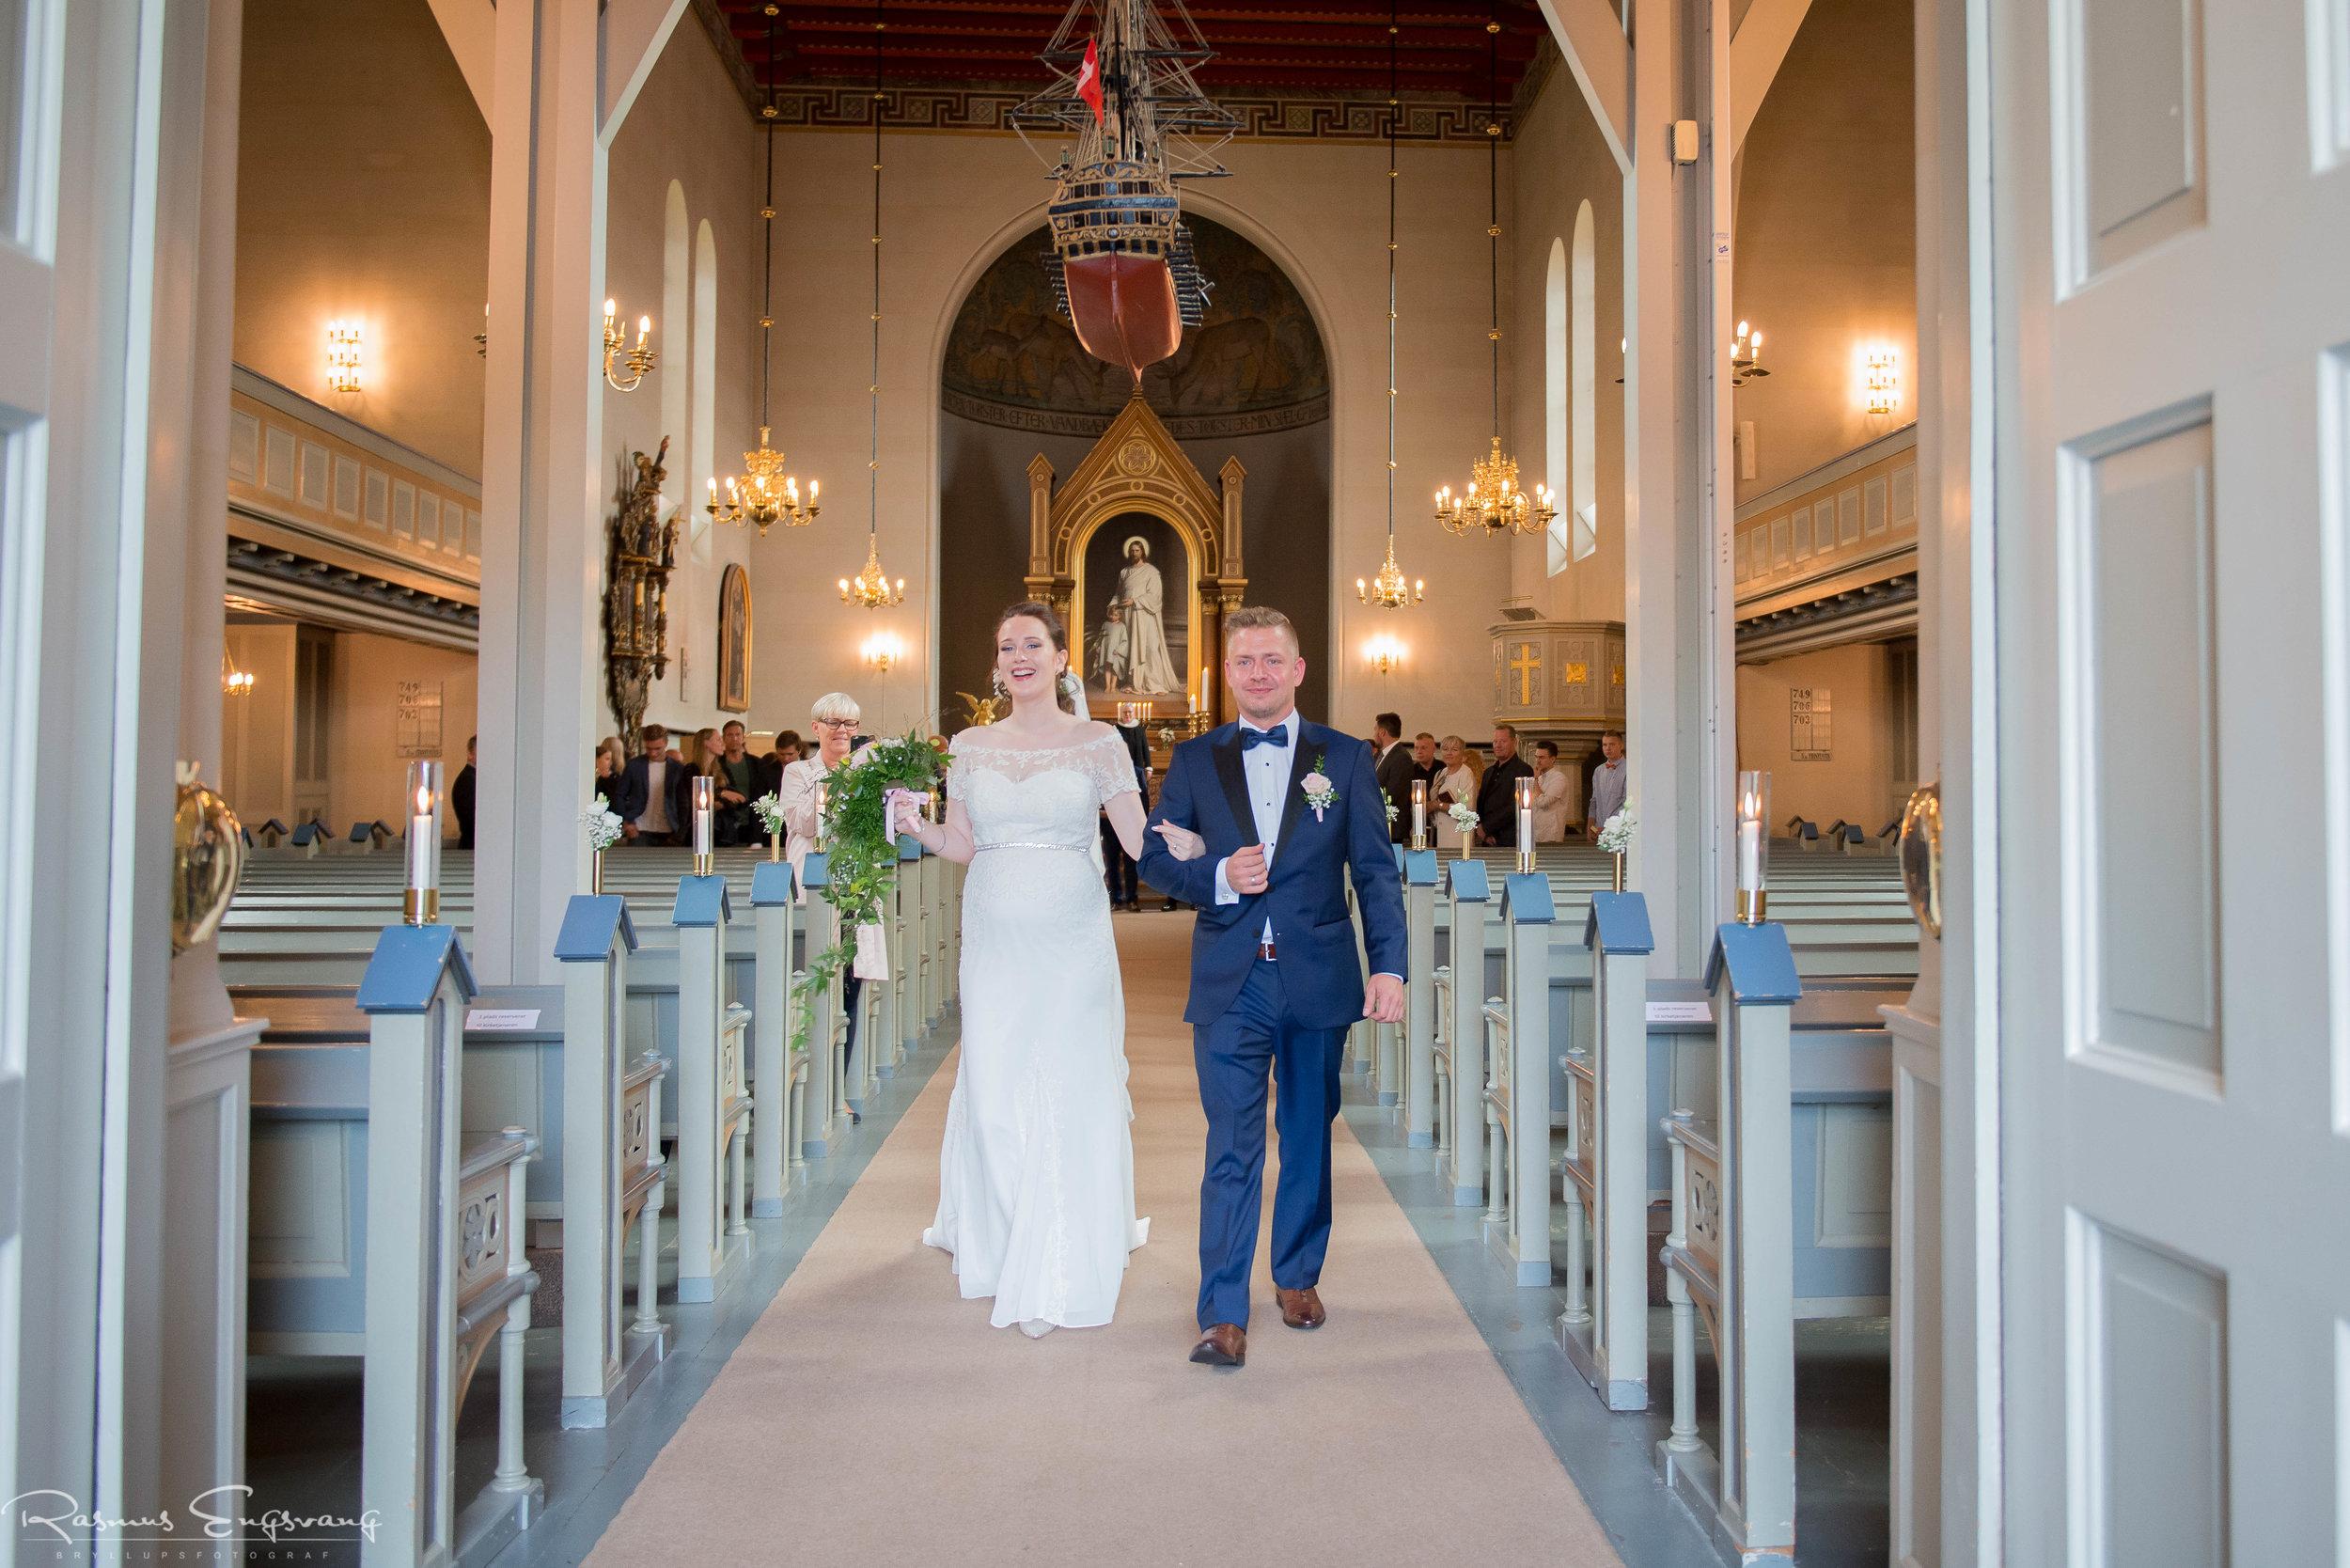 Bryllupsfotograf_Holbæk_Ringsted_Sjælland-109.jpg